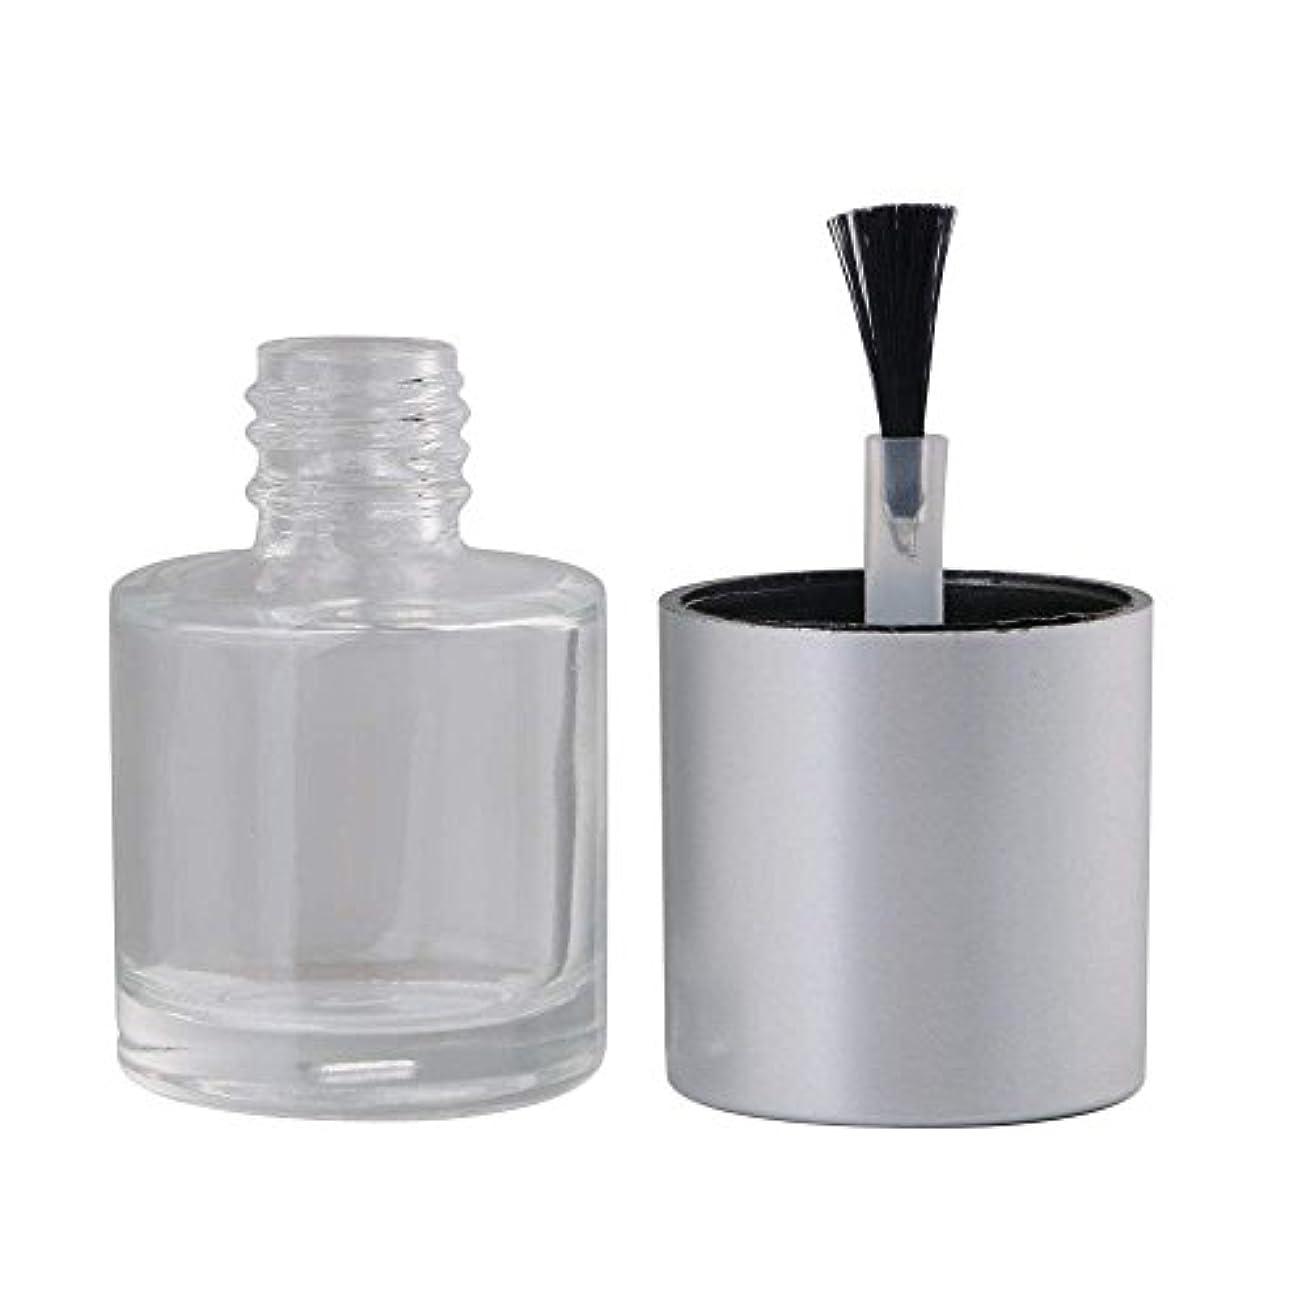 上げる助言する球体Diystyle 10個入 マニキュアボトル 空ボトル 10ml 小分けボトル 詰め替え 化粧品収納 旅行用品 ガラス グレー